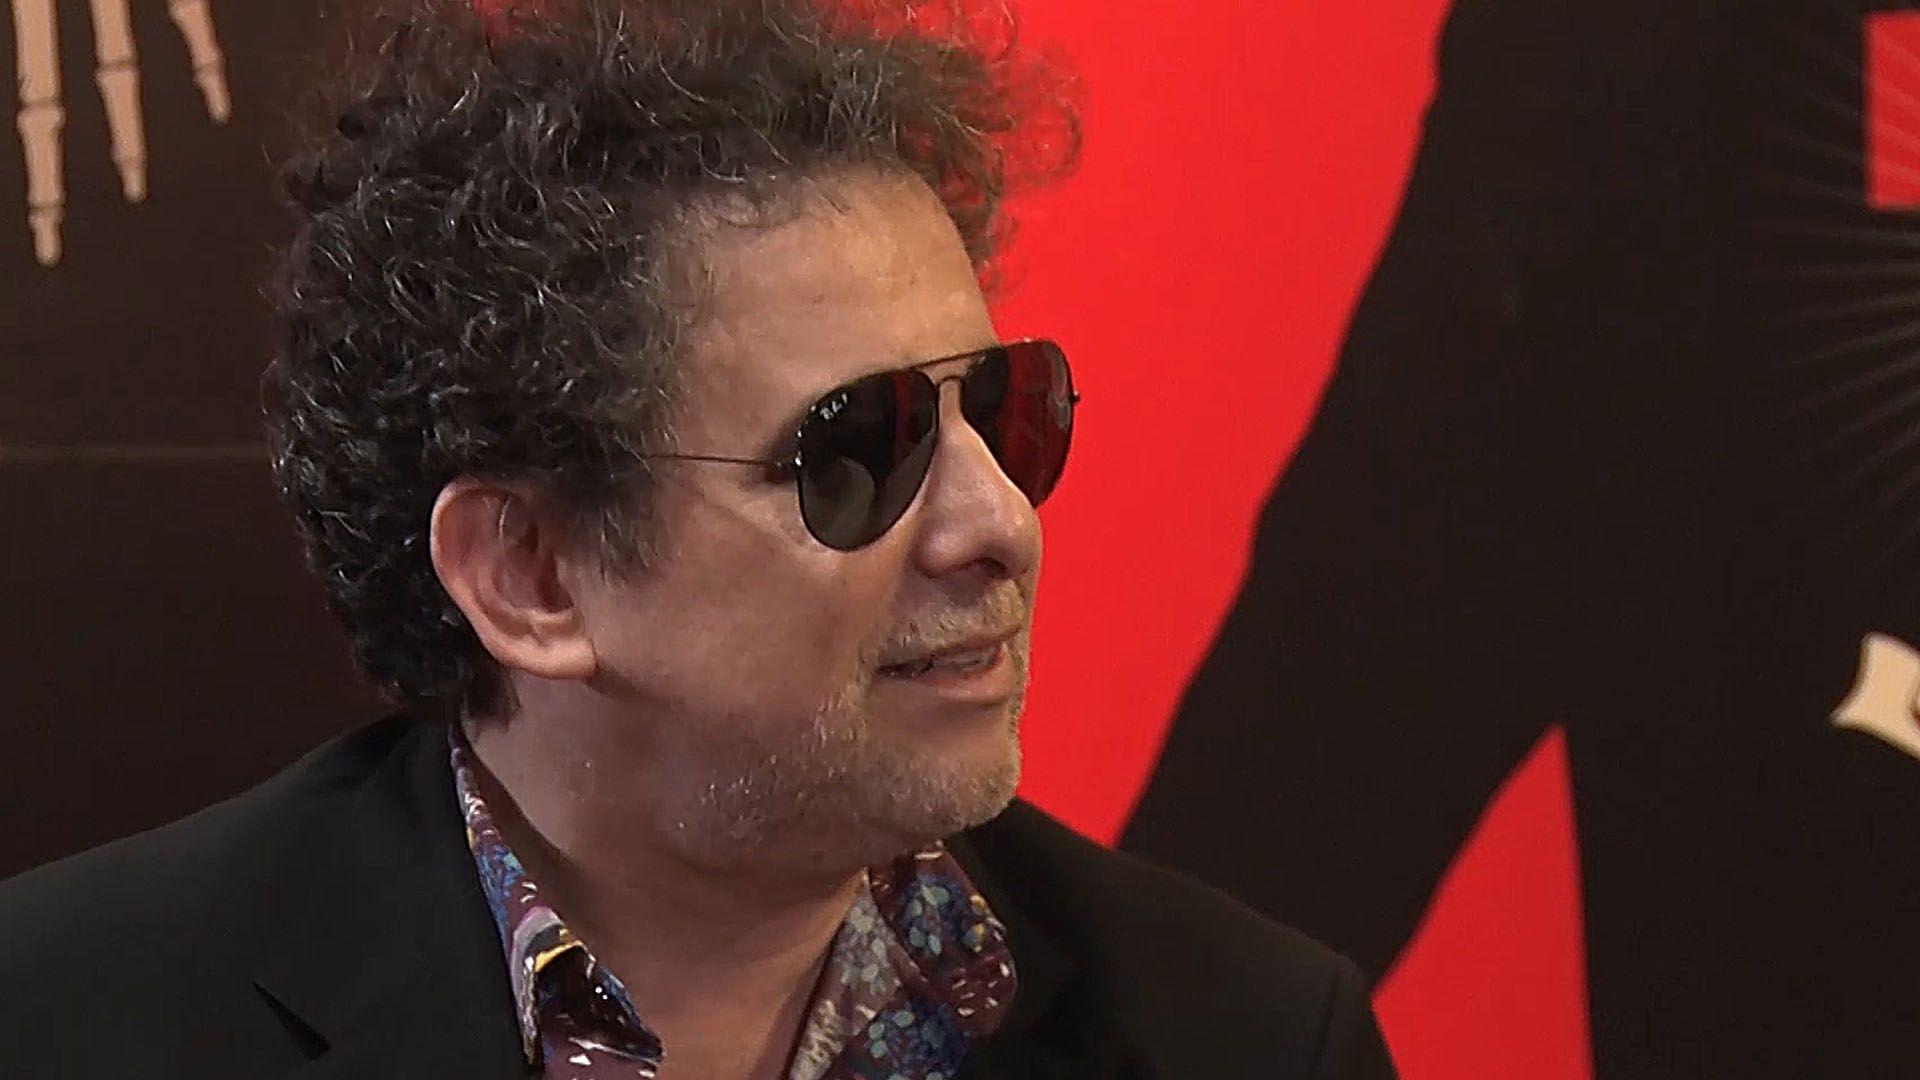 """Se estrenó el video de """"Mi ranchera"""", nuevo corte de difusión de """"Cargar la suerte"""", último disco de Andrés Calamaro"""